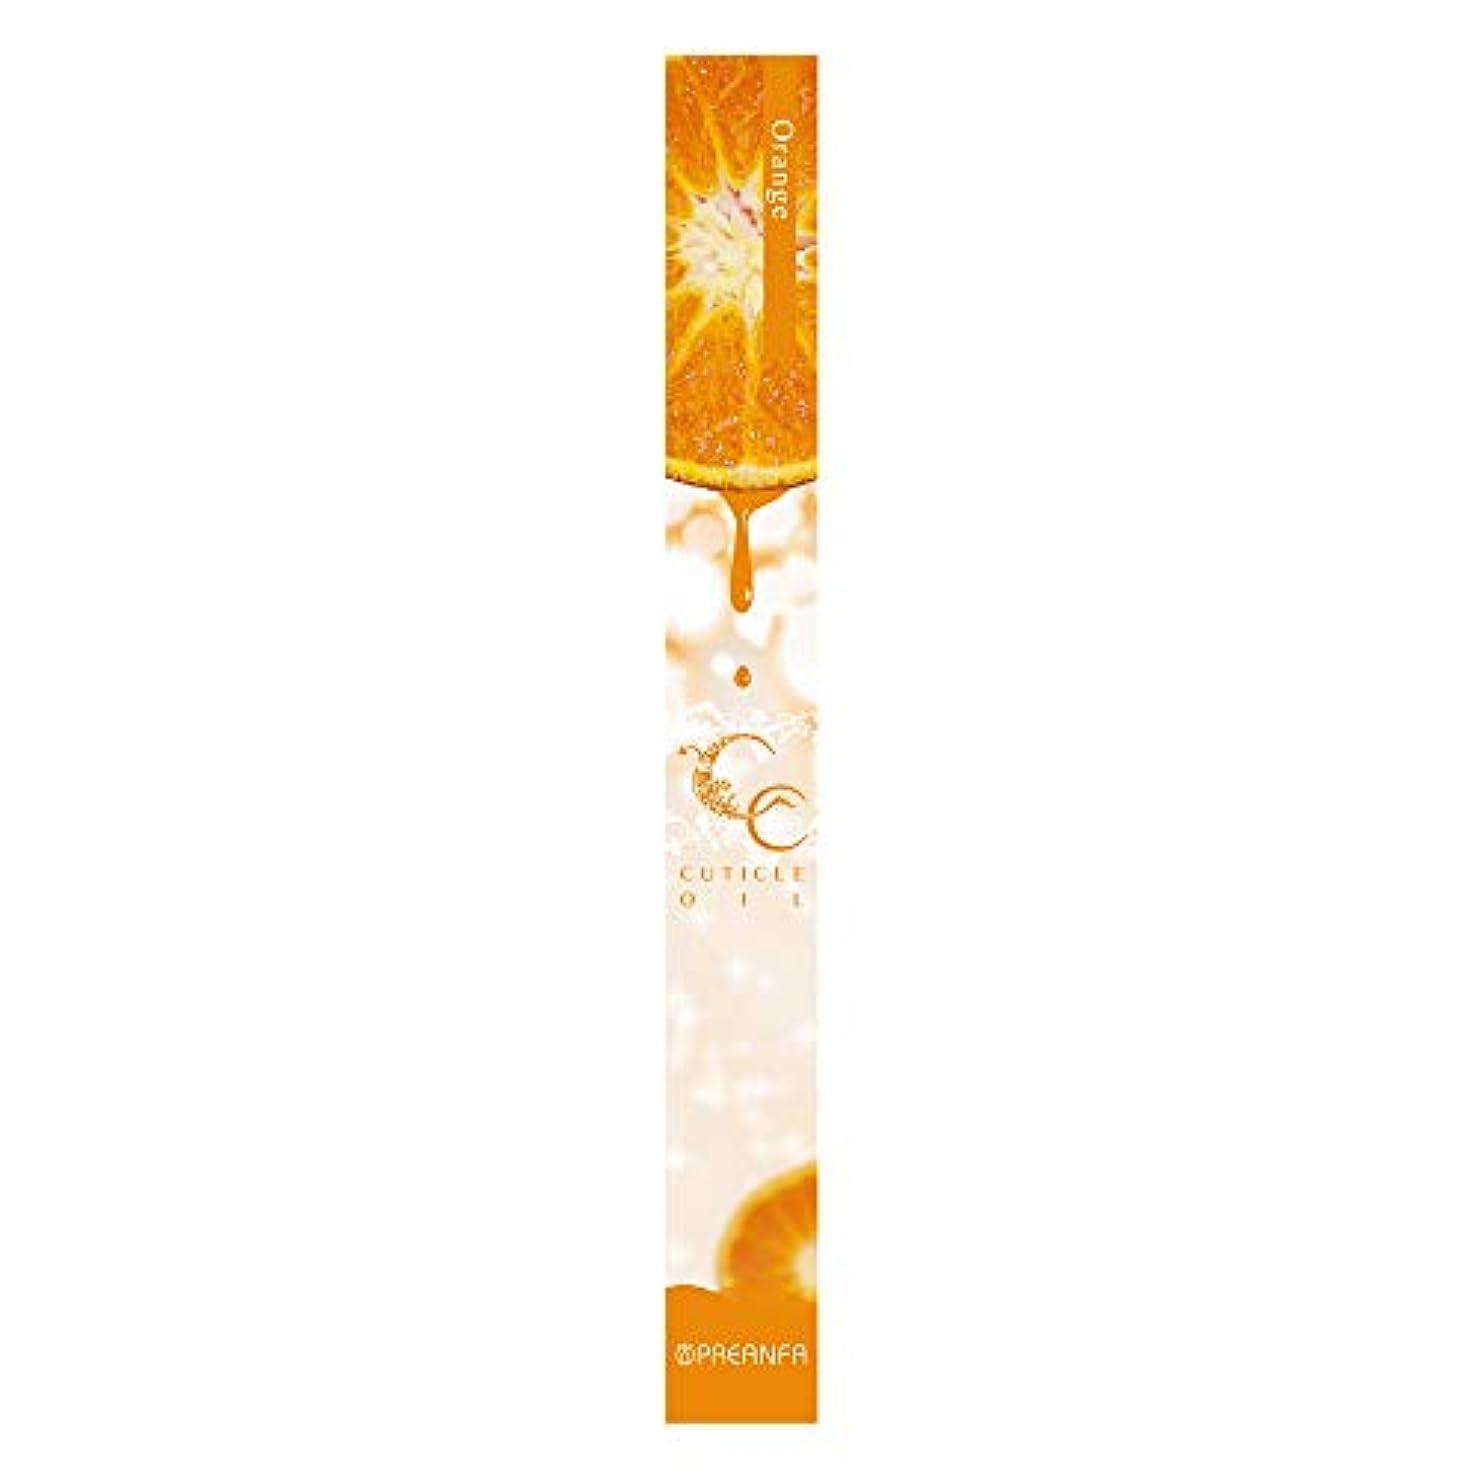 郵便静的アコープリジェル 甘皮ケア CCキューティクルオイル オレンジ 4.5g 保湿オイル ペンタイプ